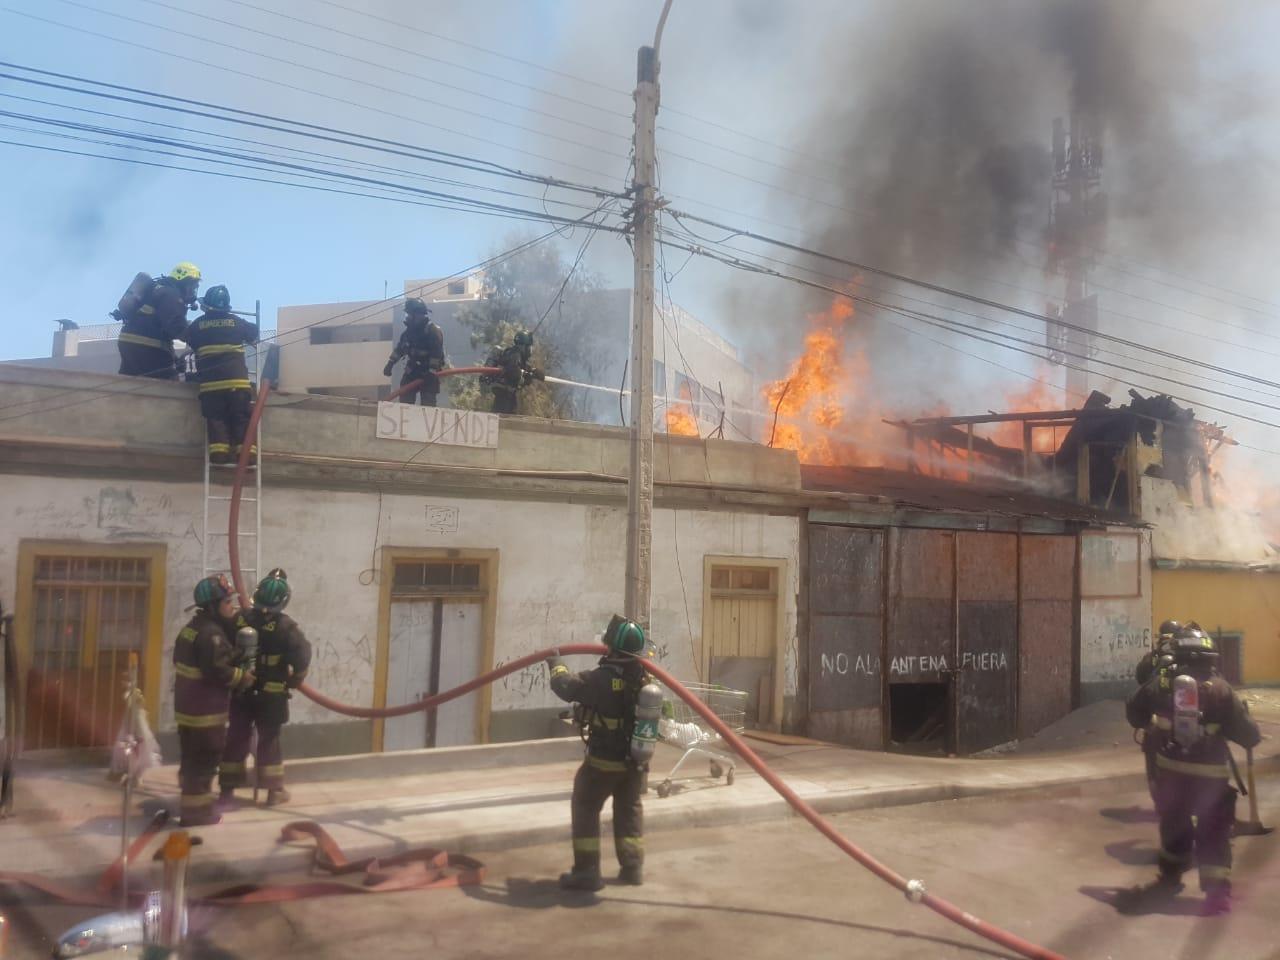 Incendio en centro alto dejó 12 personas damnificadas